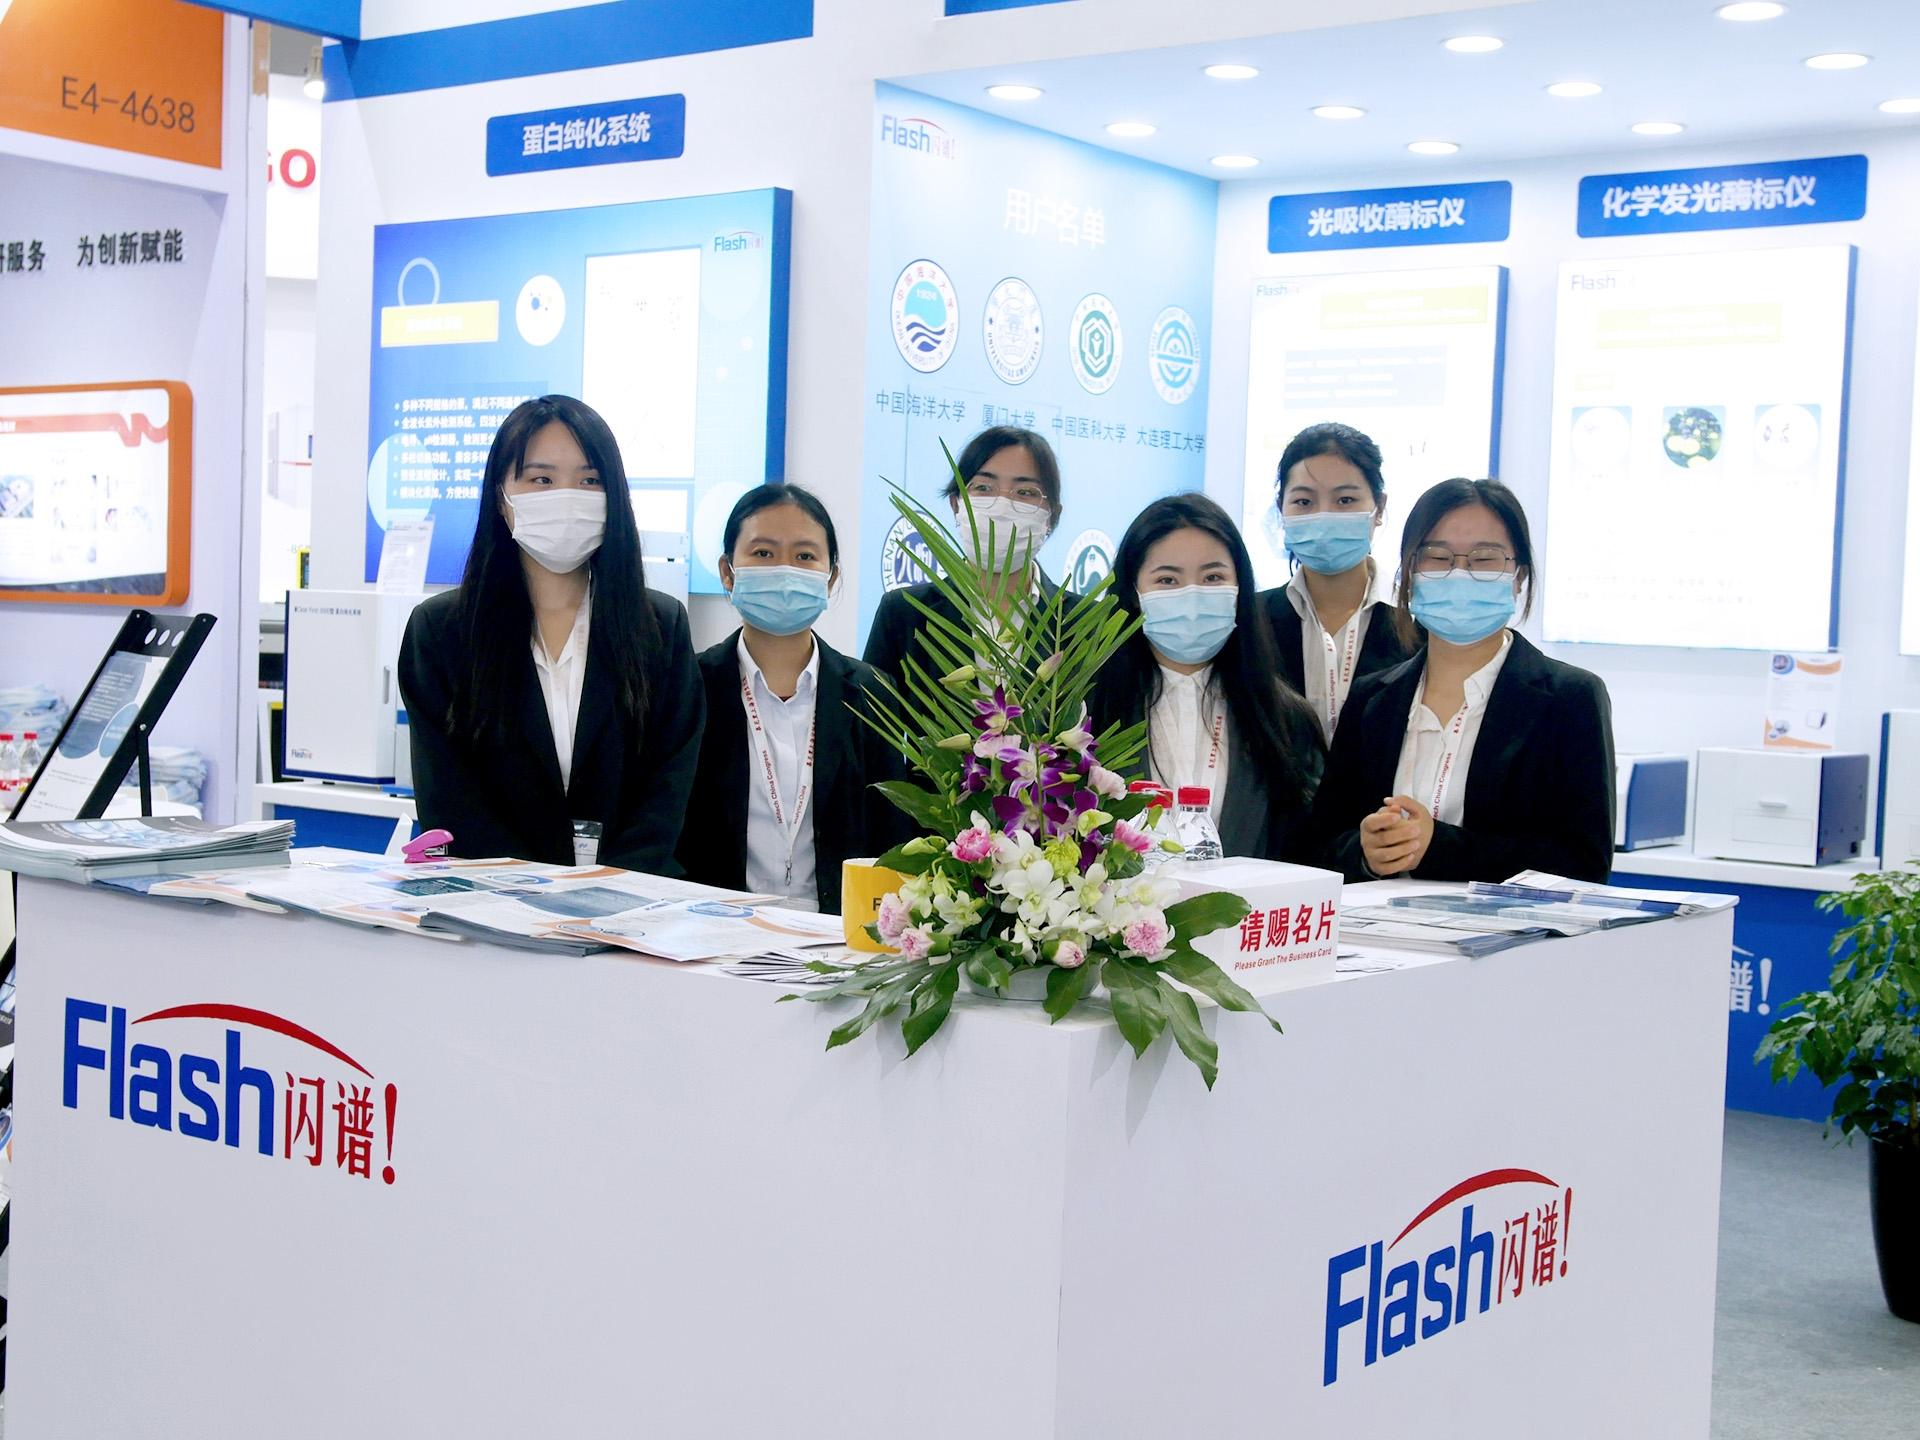 上海闪谱参加2020慕尼黑上海分析生化展圆满成功!